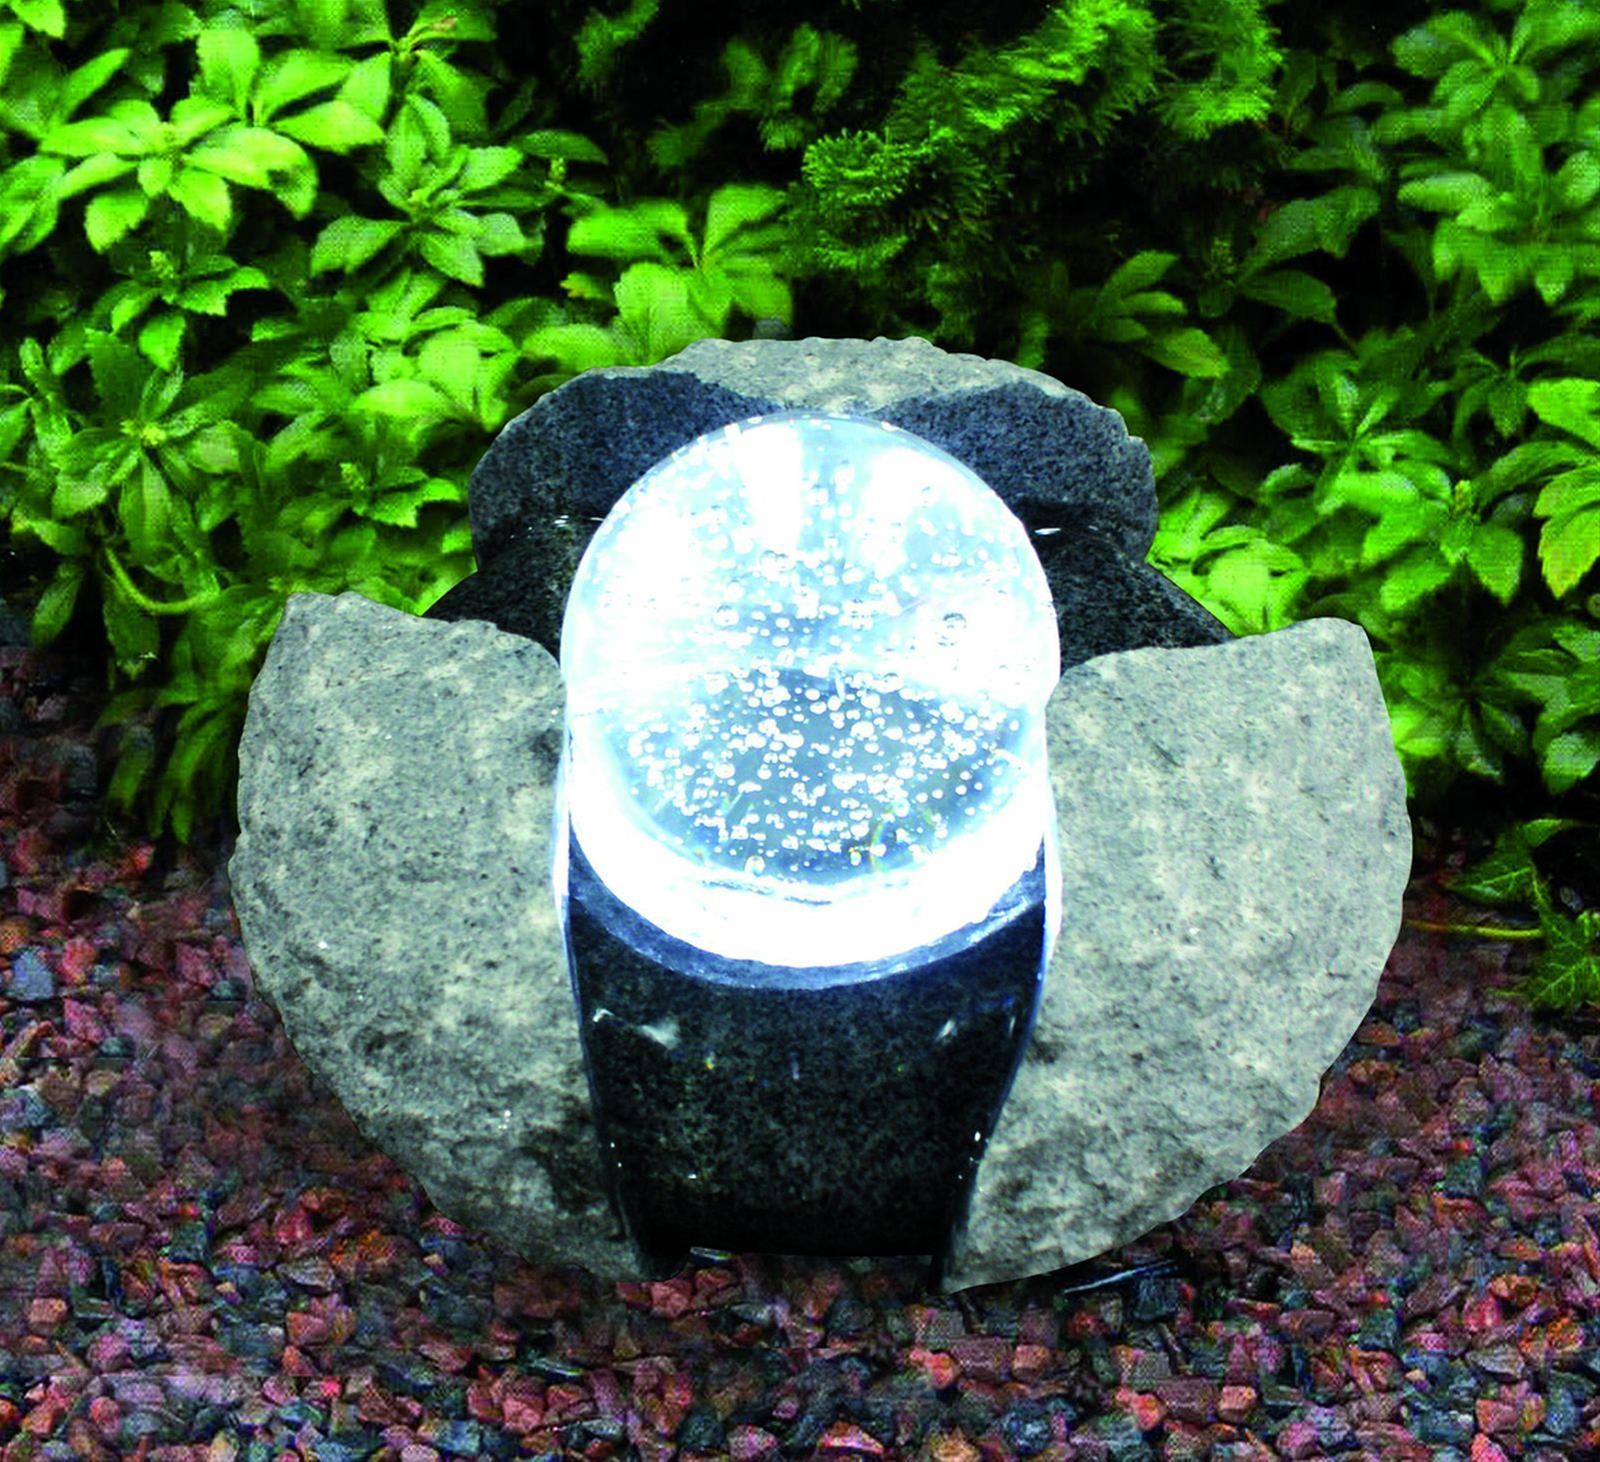 Wasserspiel GardenForma Brandur Granit mit drehender Glaskugel Bild 2